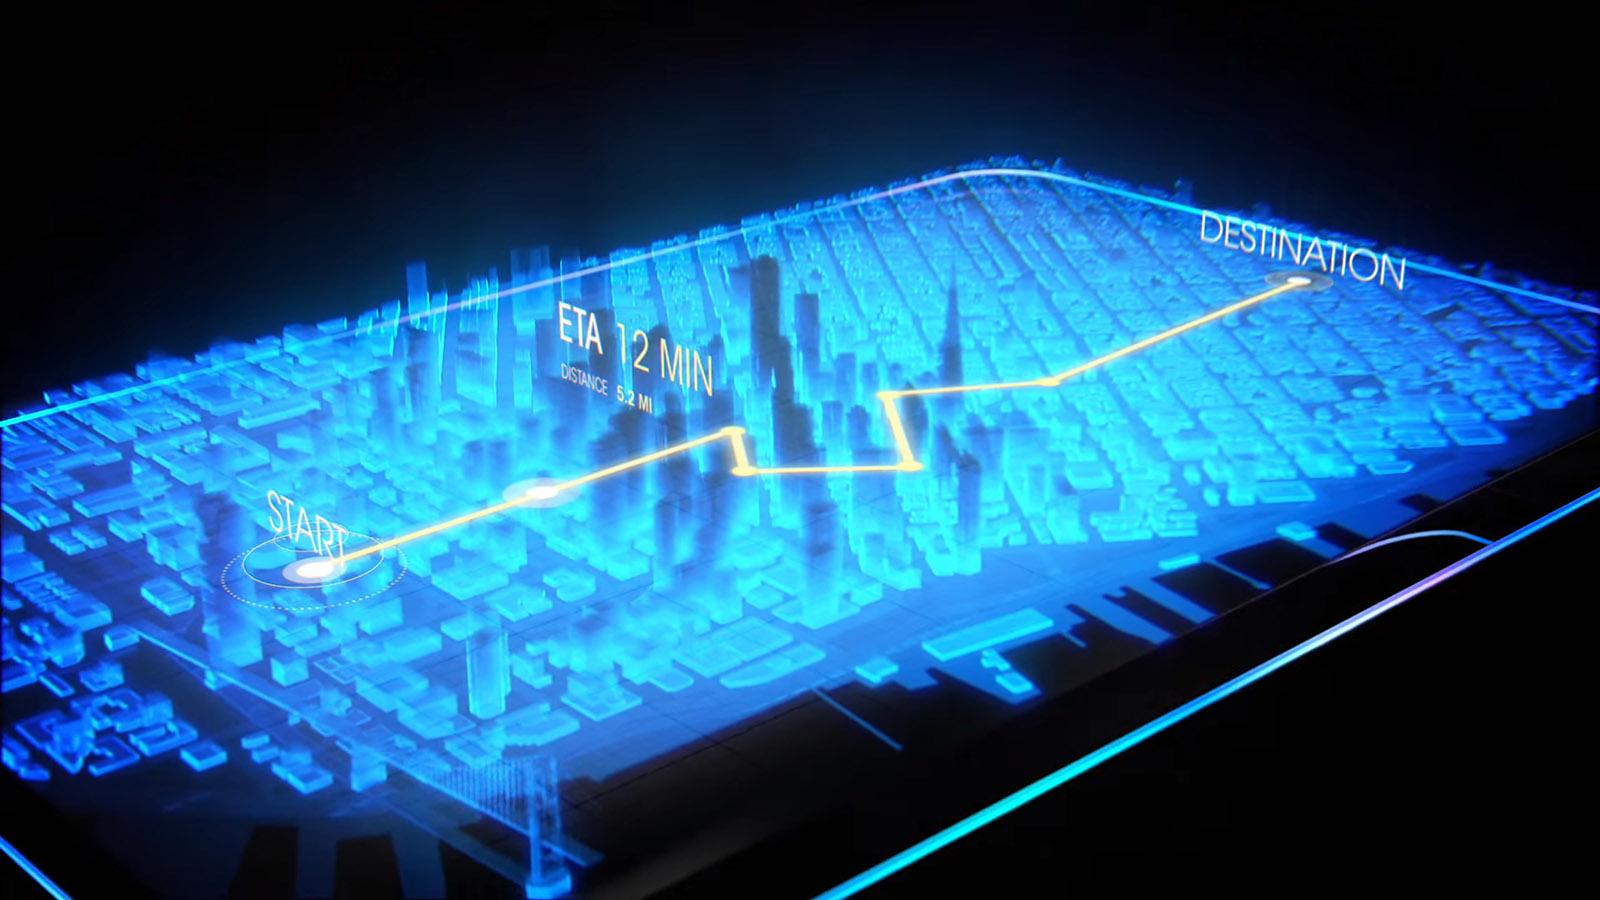 RED verrät, woher das holografische Display seines Smartphones kommt